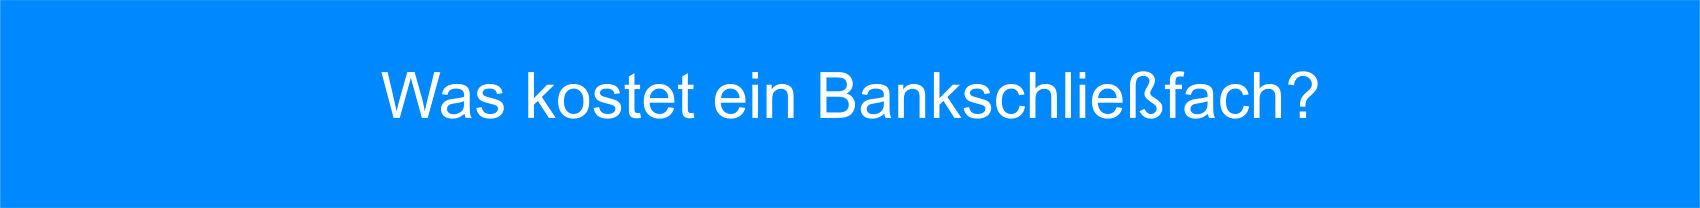 Was kostet ein Bankschließfach